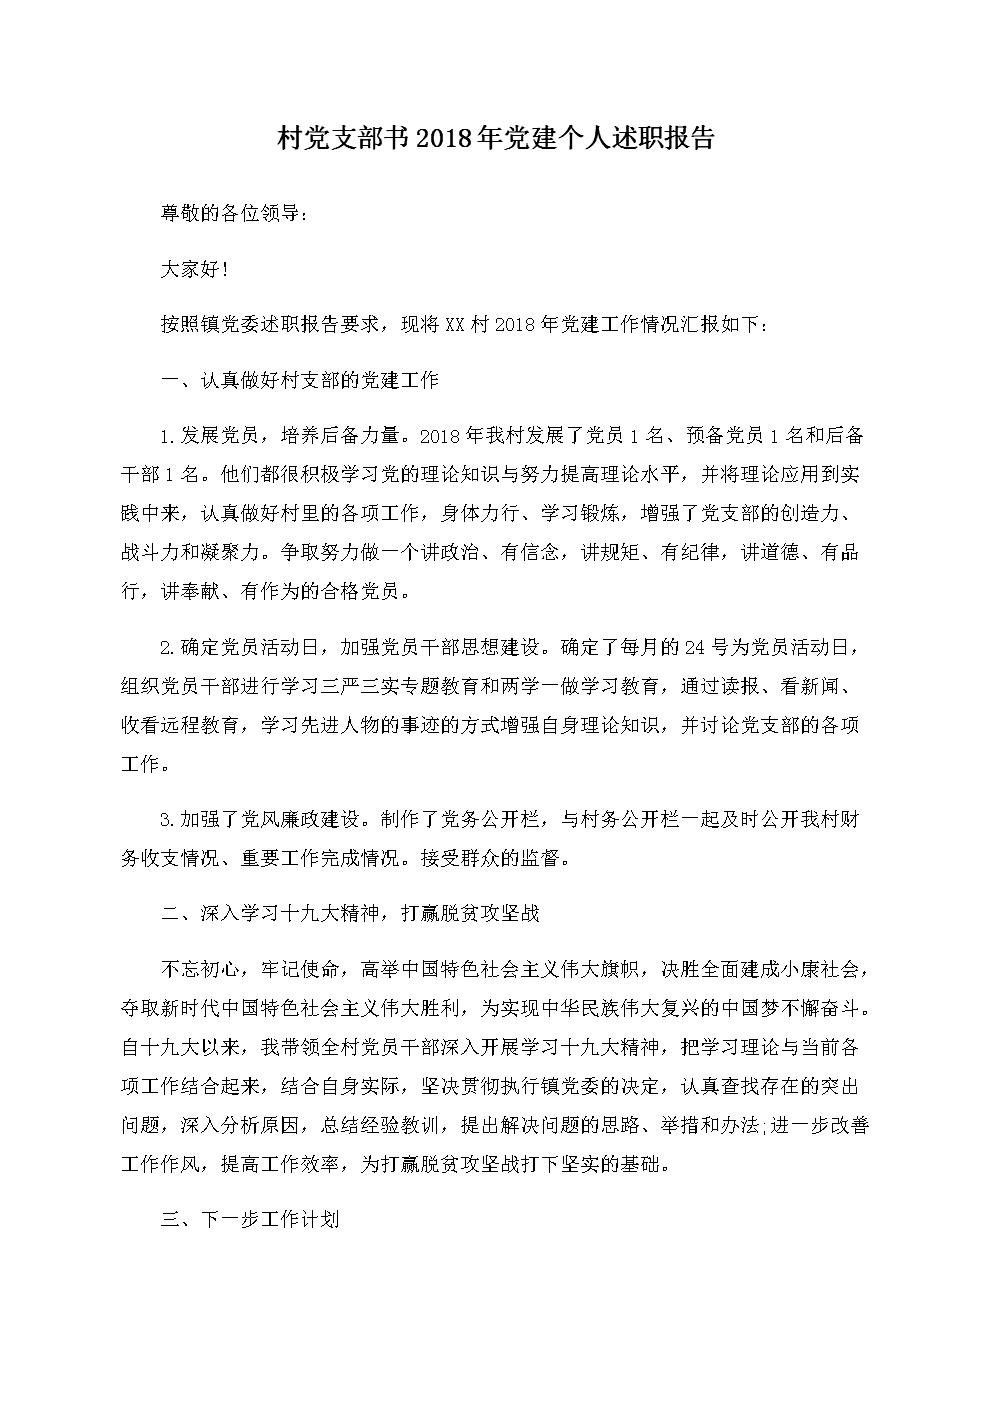 村党支部书2018年党建个人述职报告.docx